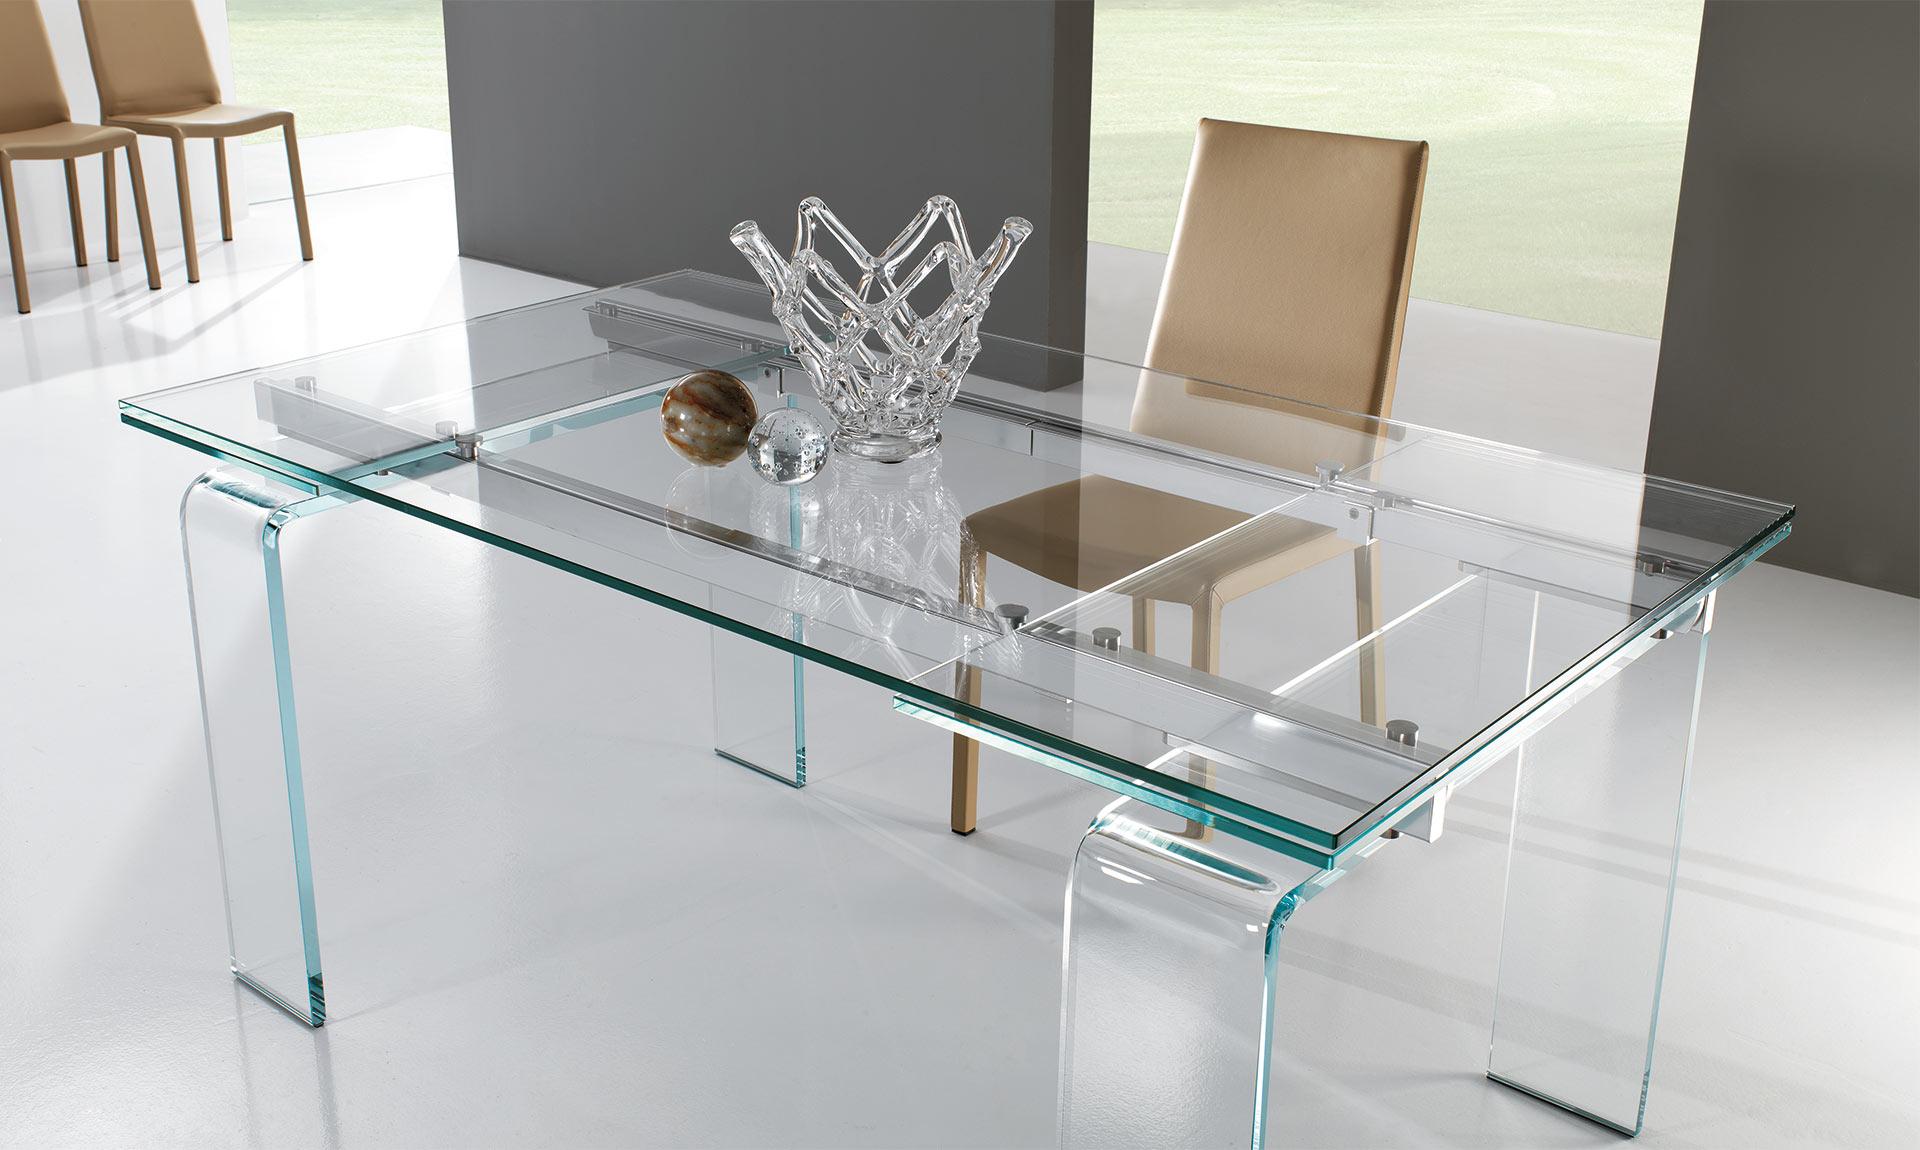 Tavolo in cristallo plano meroni arreda for Tavolo riflessi cristallo